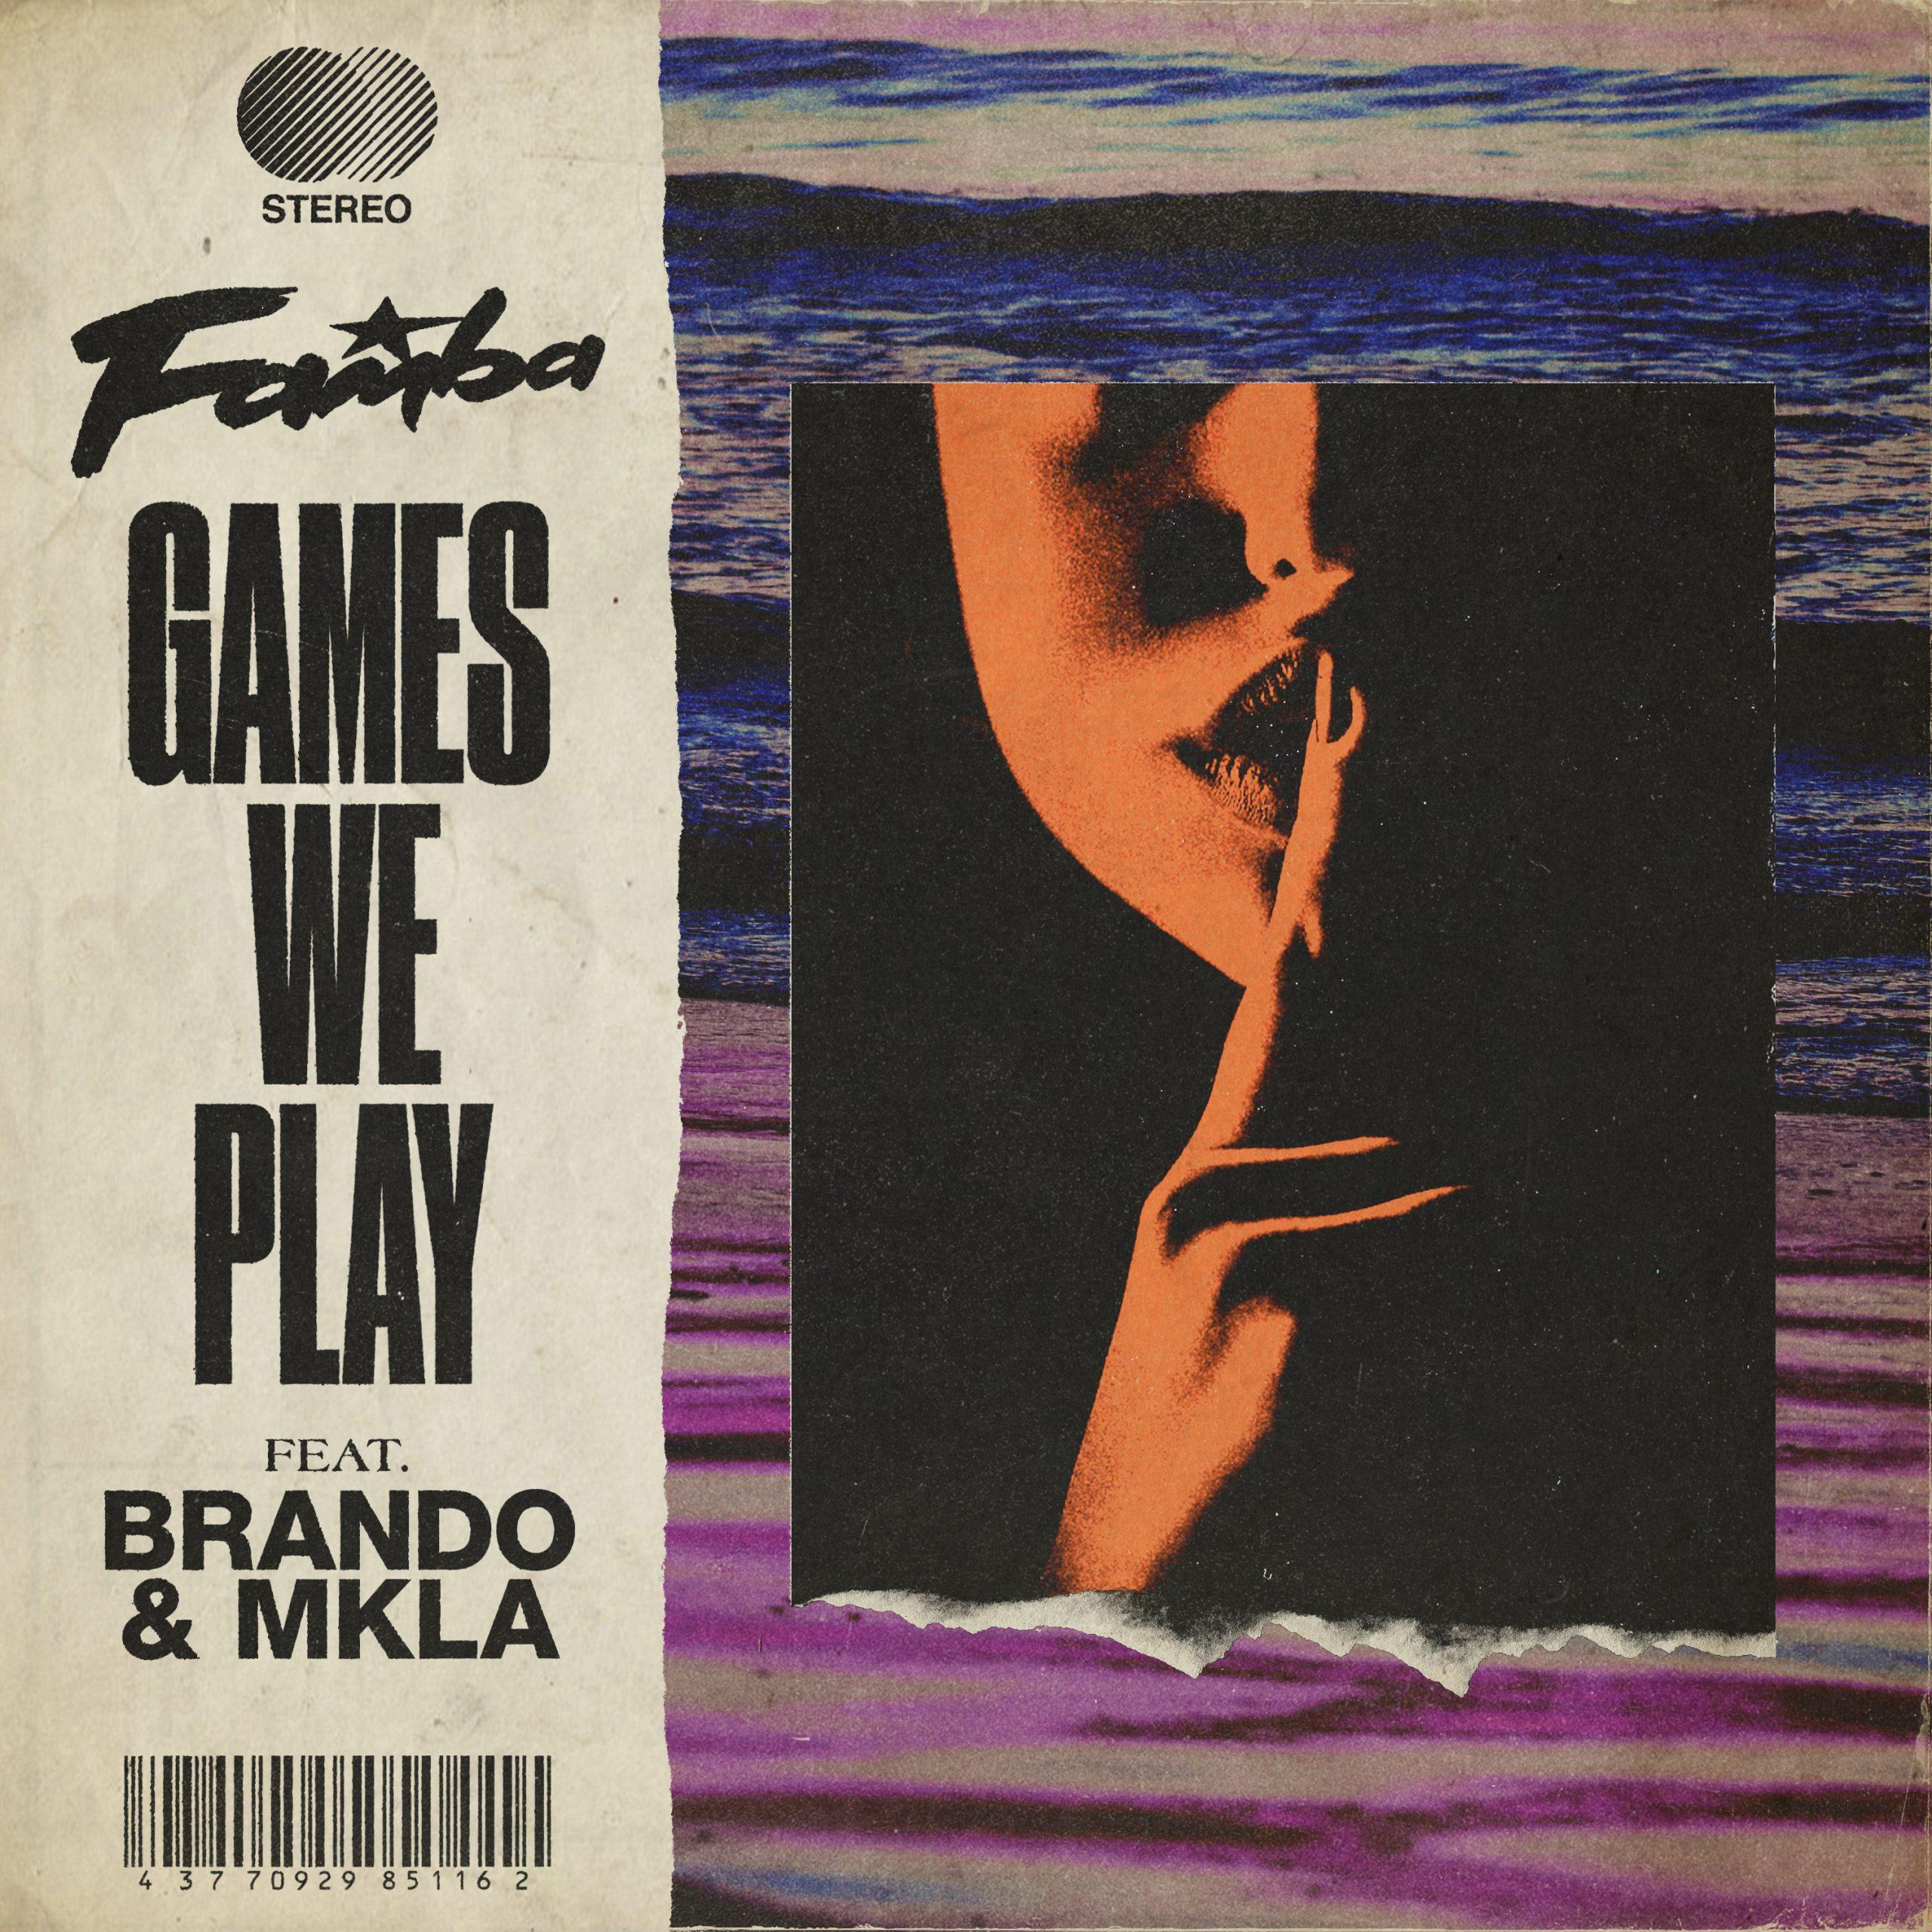 Famba Brando MKLA Games We Play